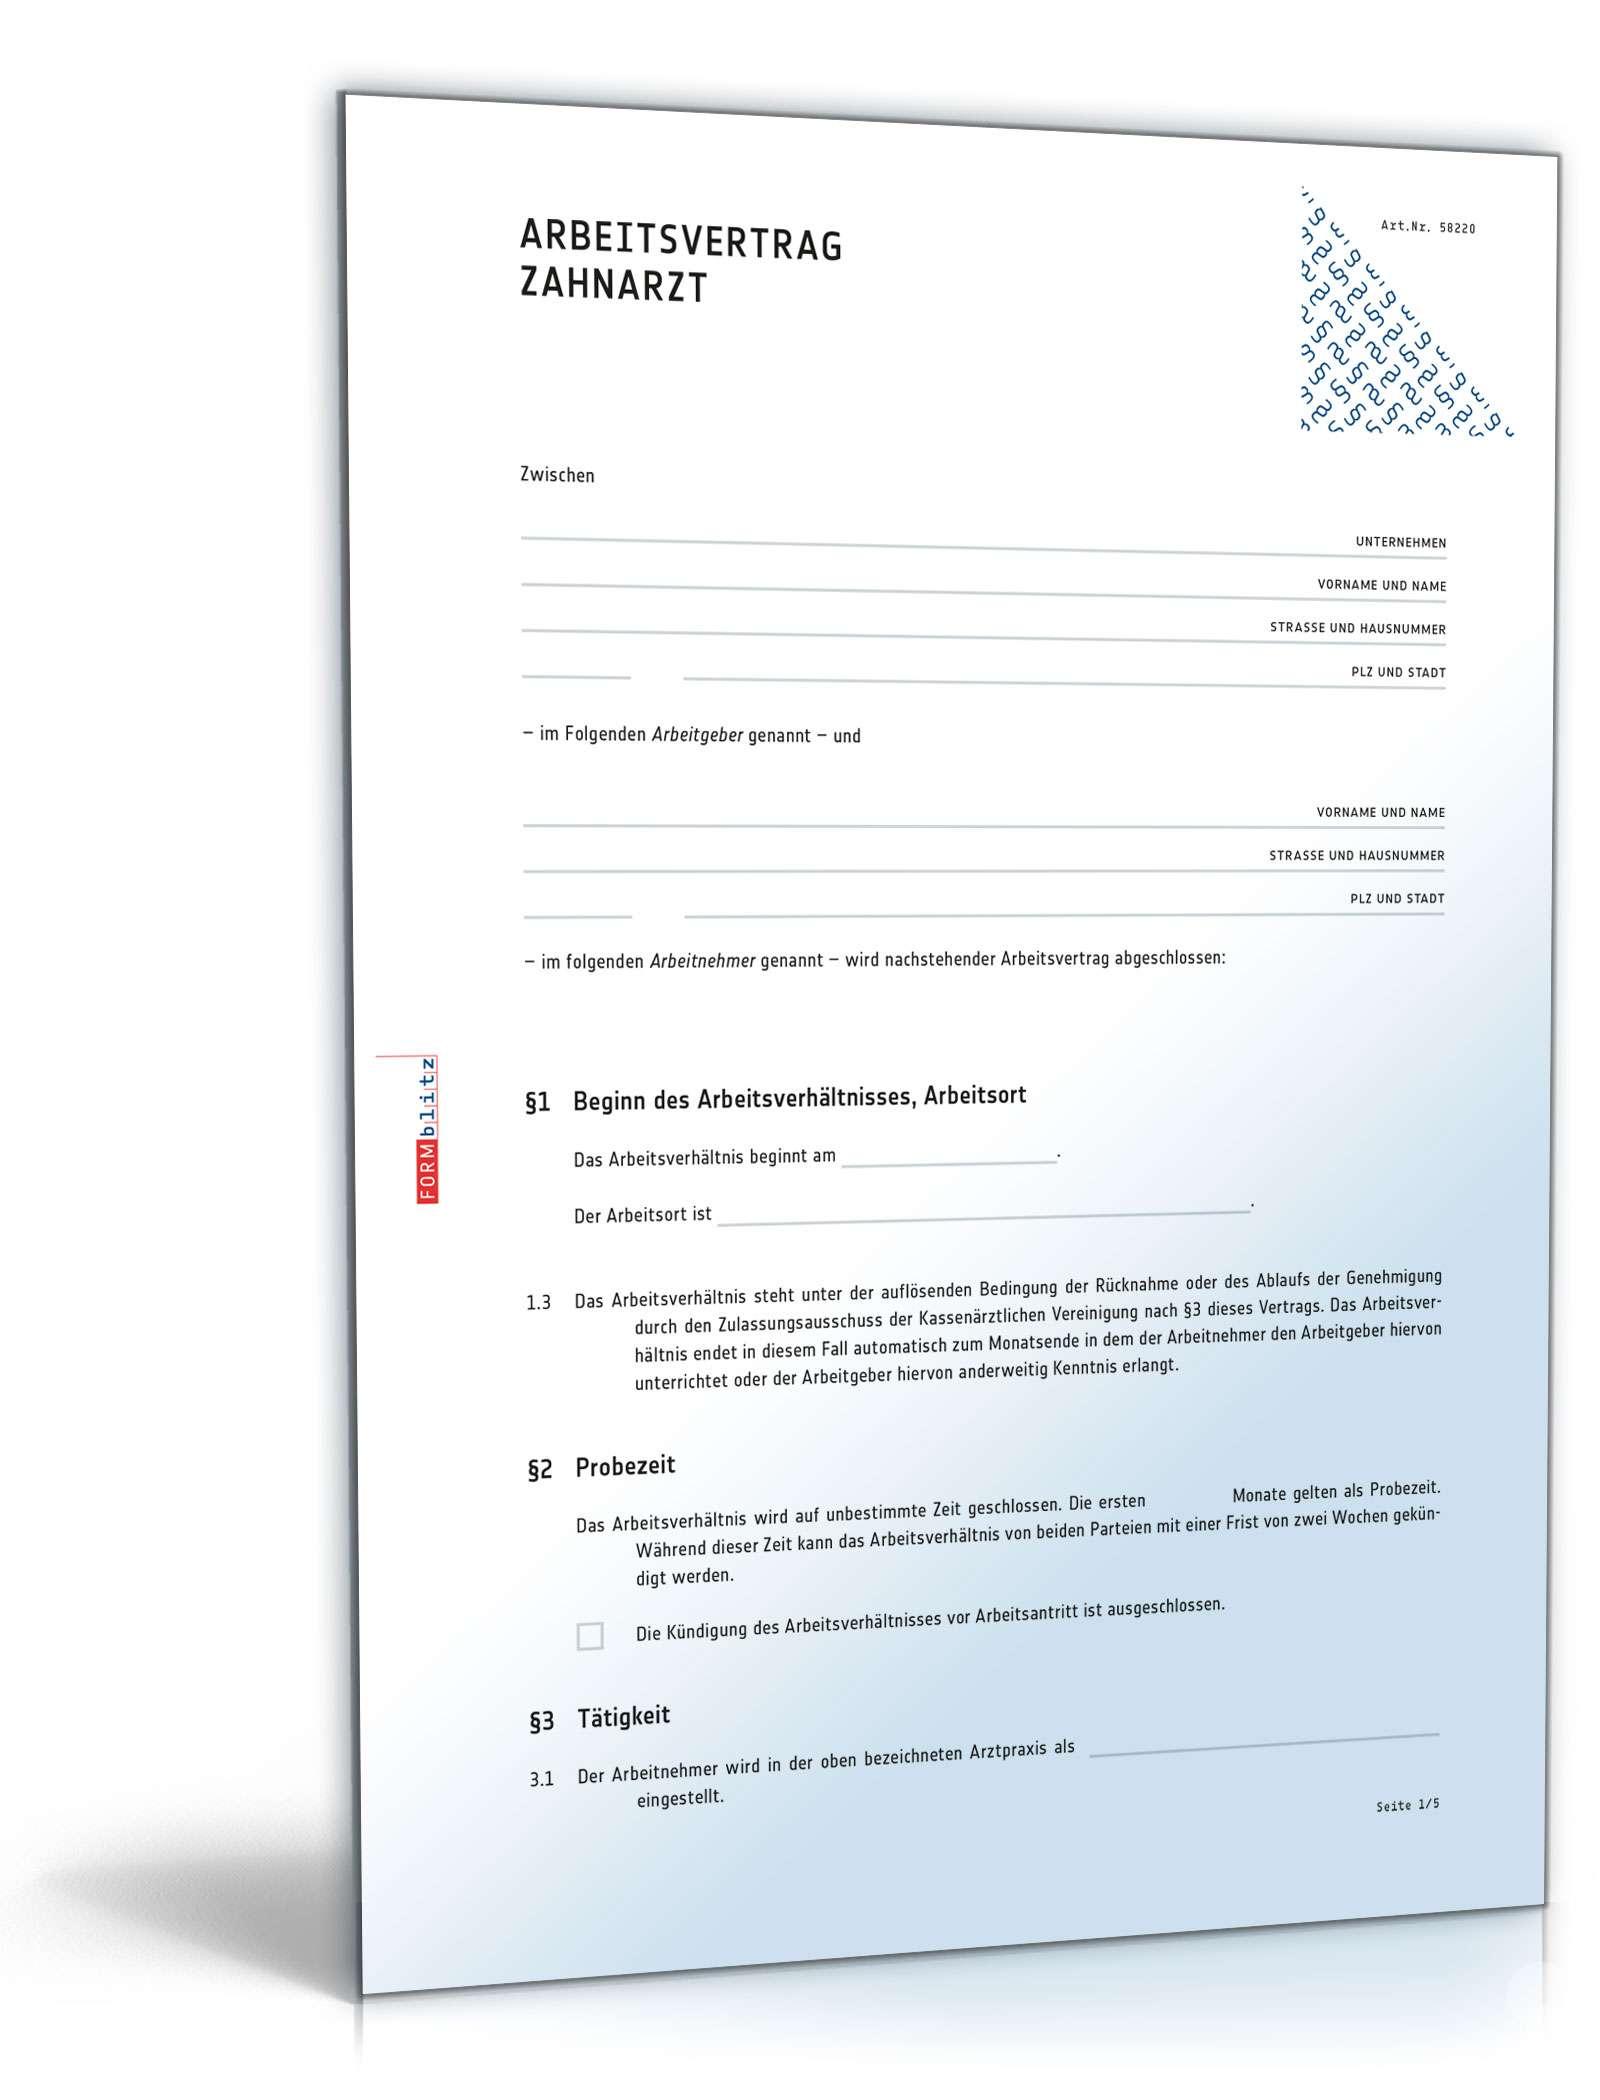 Arbeitsvertrag Für Zahnärzte Muster Zum Download